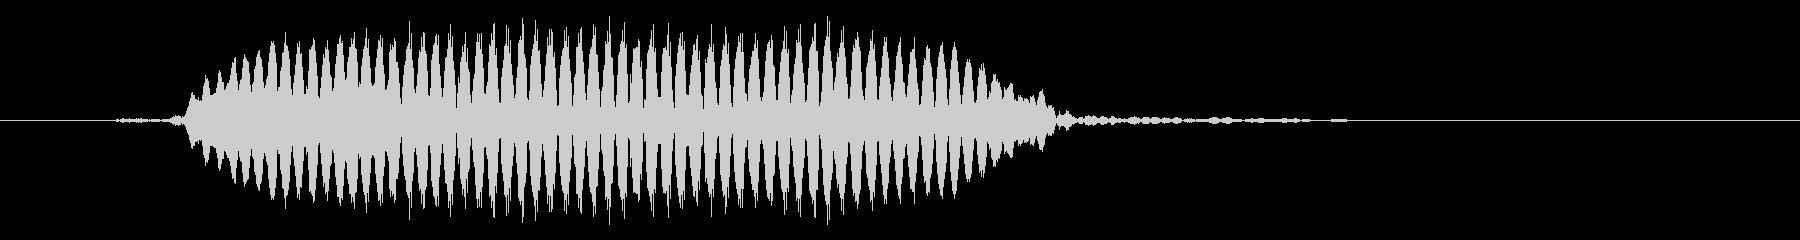 「ピィッ」サッカーフリーキック合図の笛 の未再生の波形